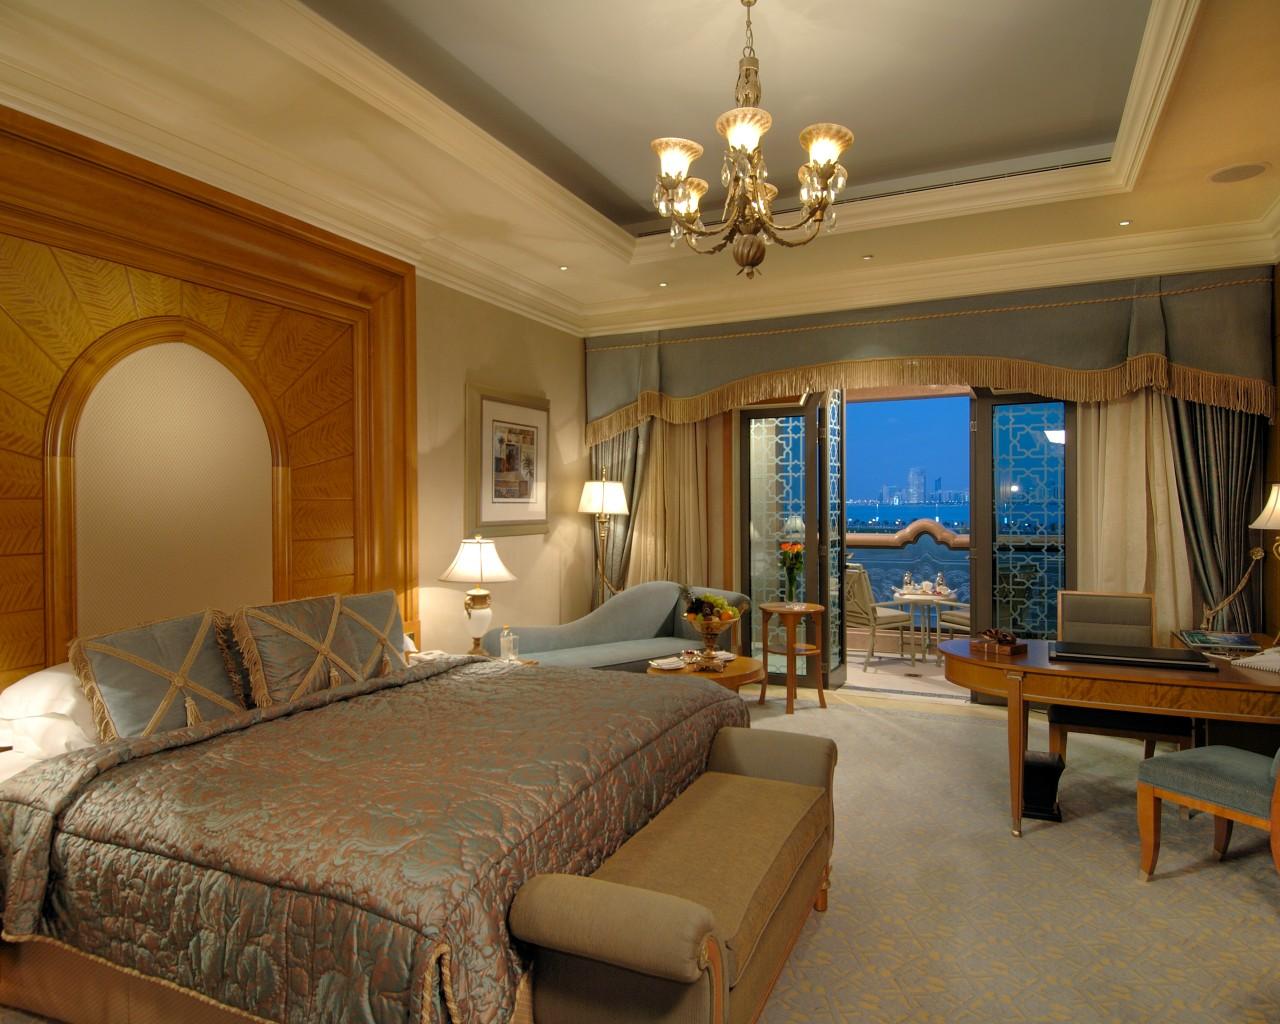 Album De Abu Dhabi Emirates Palace El Hotel Más Caro Del Mundo